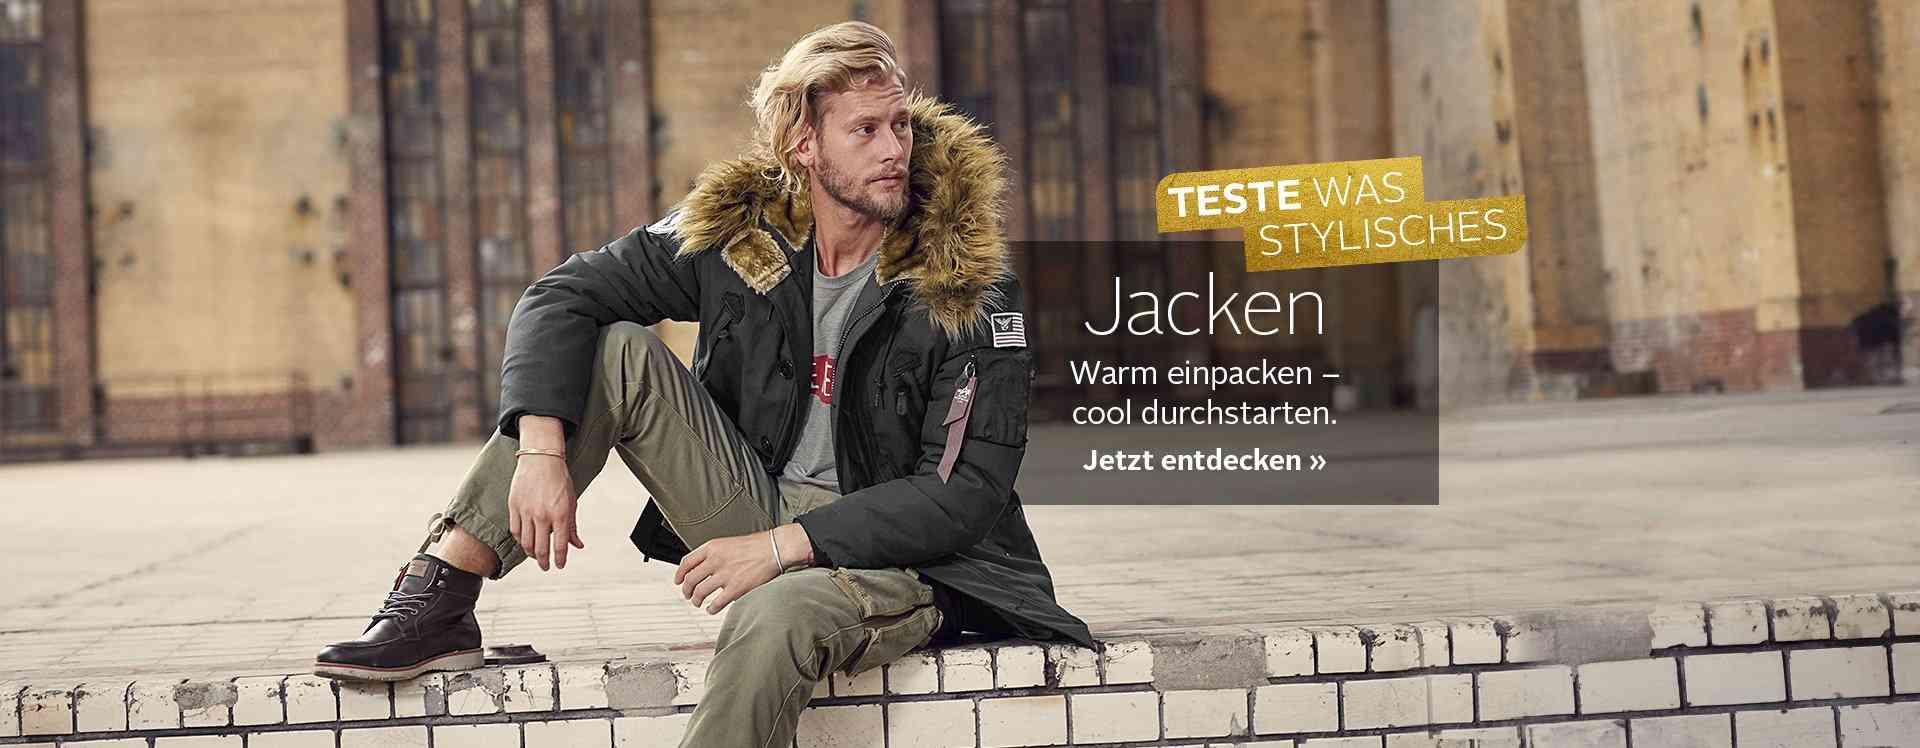 Jacken-Vielfalt. Der schönste Begleiter für kalte Tage. Zum Shop.